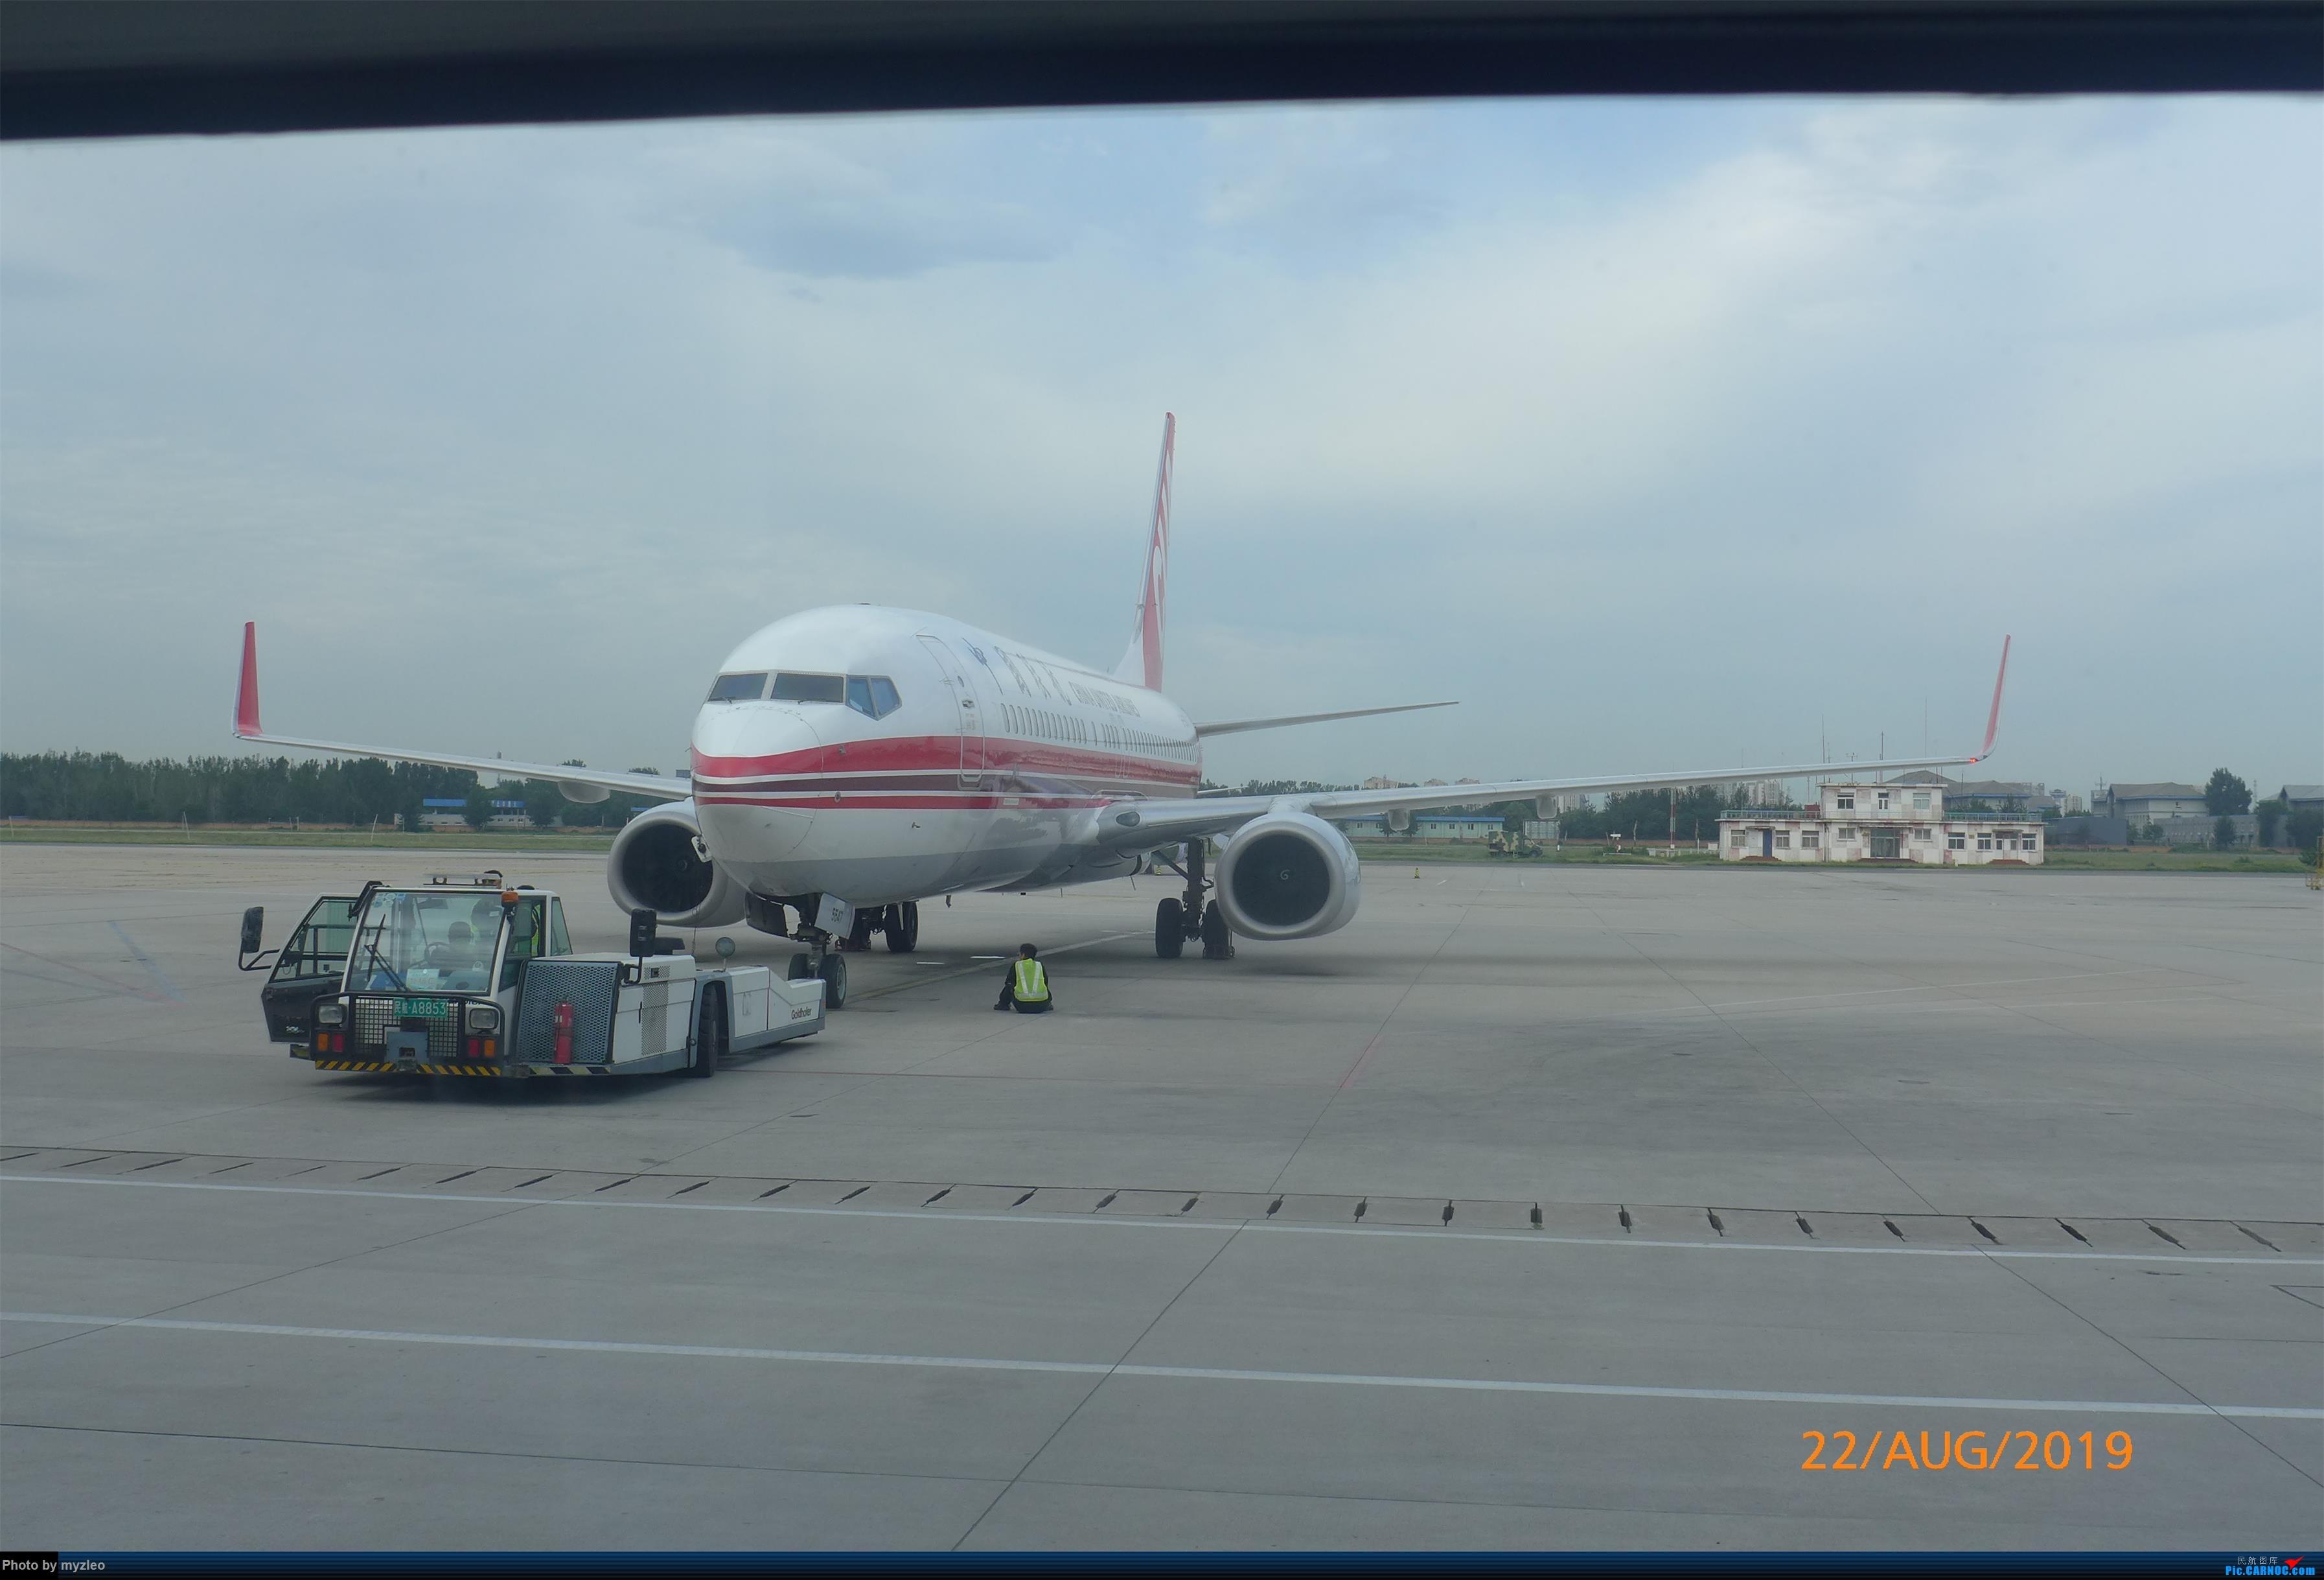 Re:[原创]【myzleo的游记5.2】梦圆一九(2)首访南苑把梦圆,初搭巴航连新缘 BOEING 737-800 B-5547 中国北京南苑机场